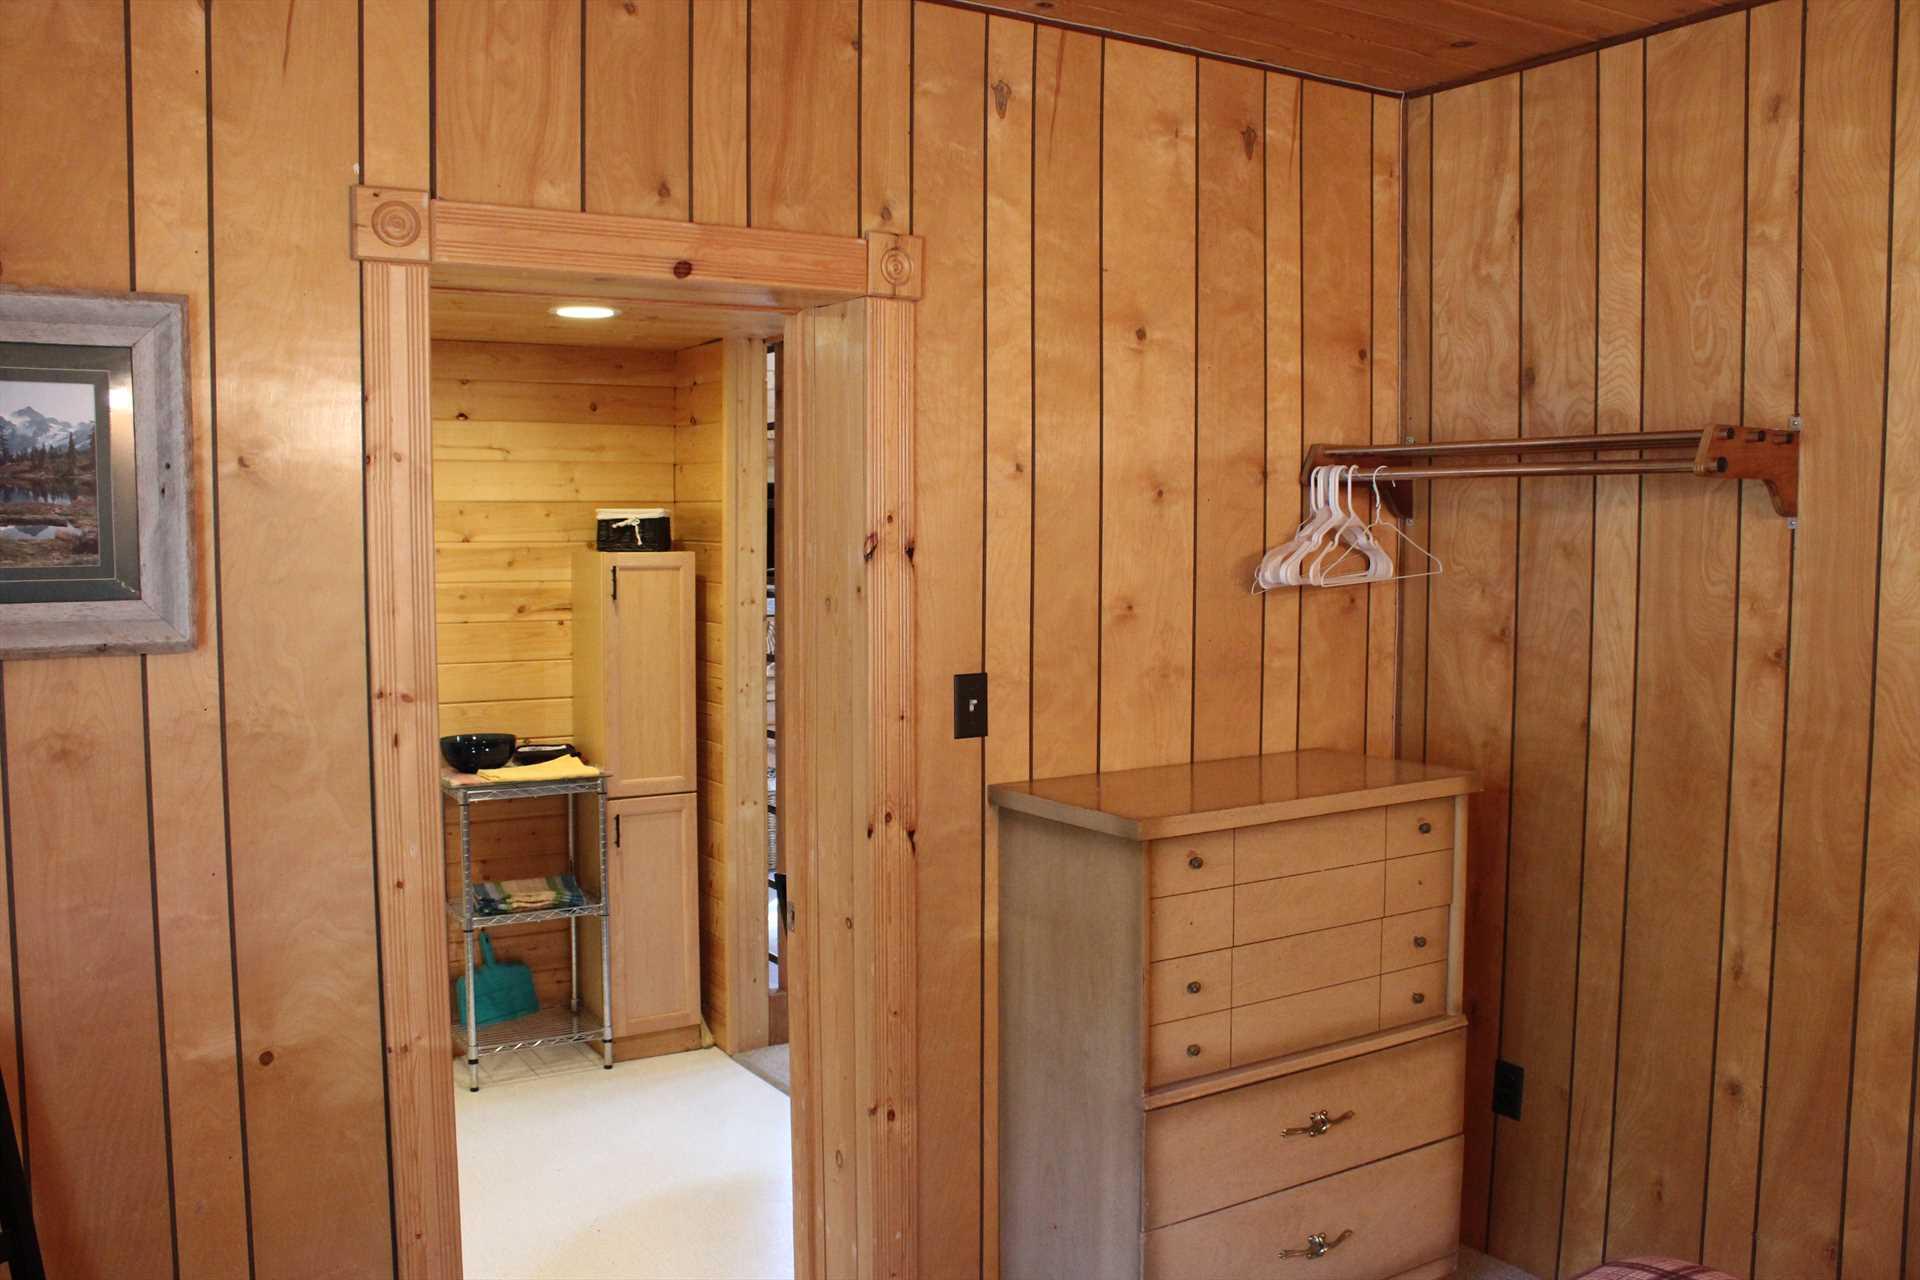 Dresser in East Bedroom